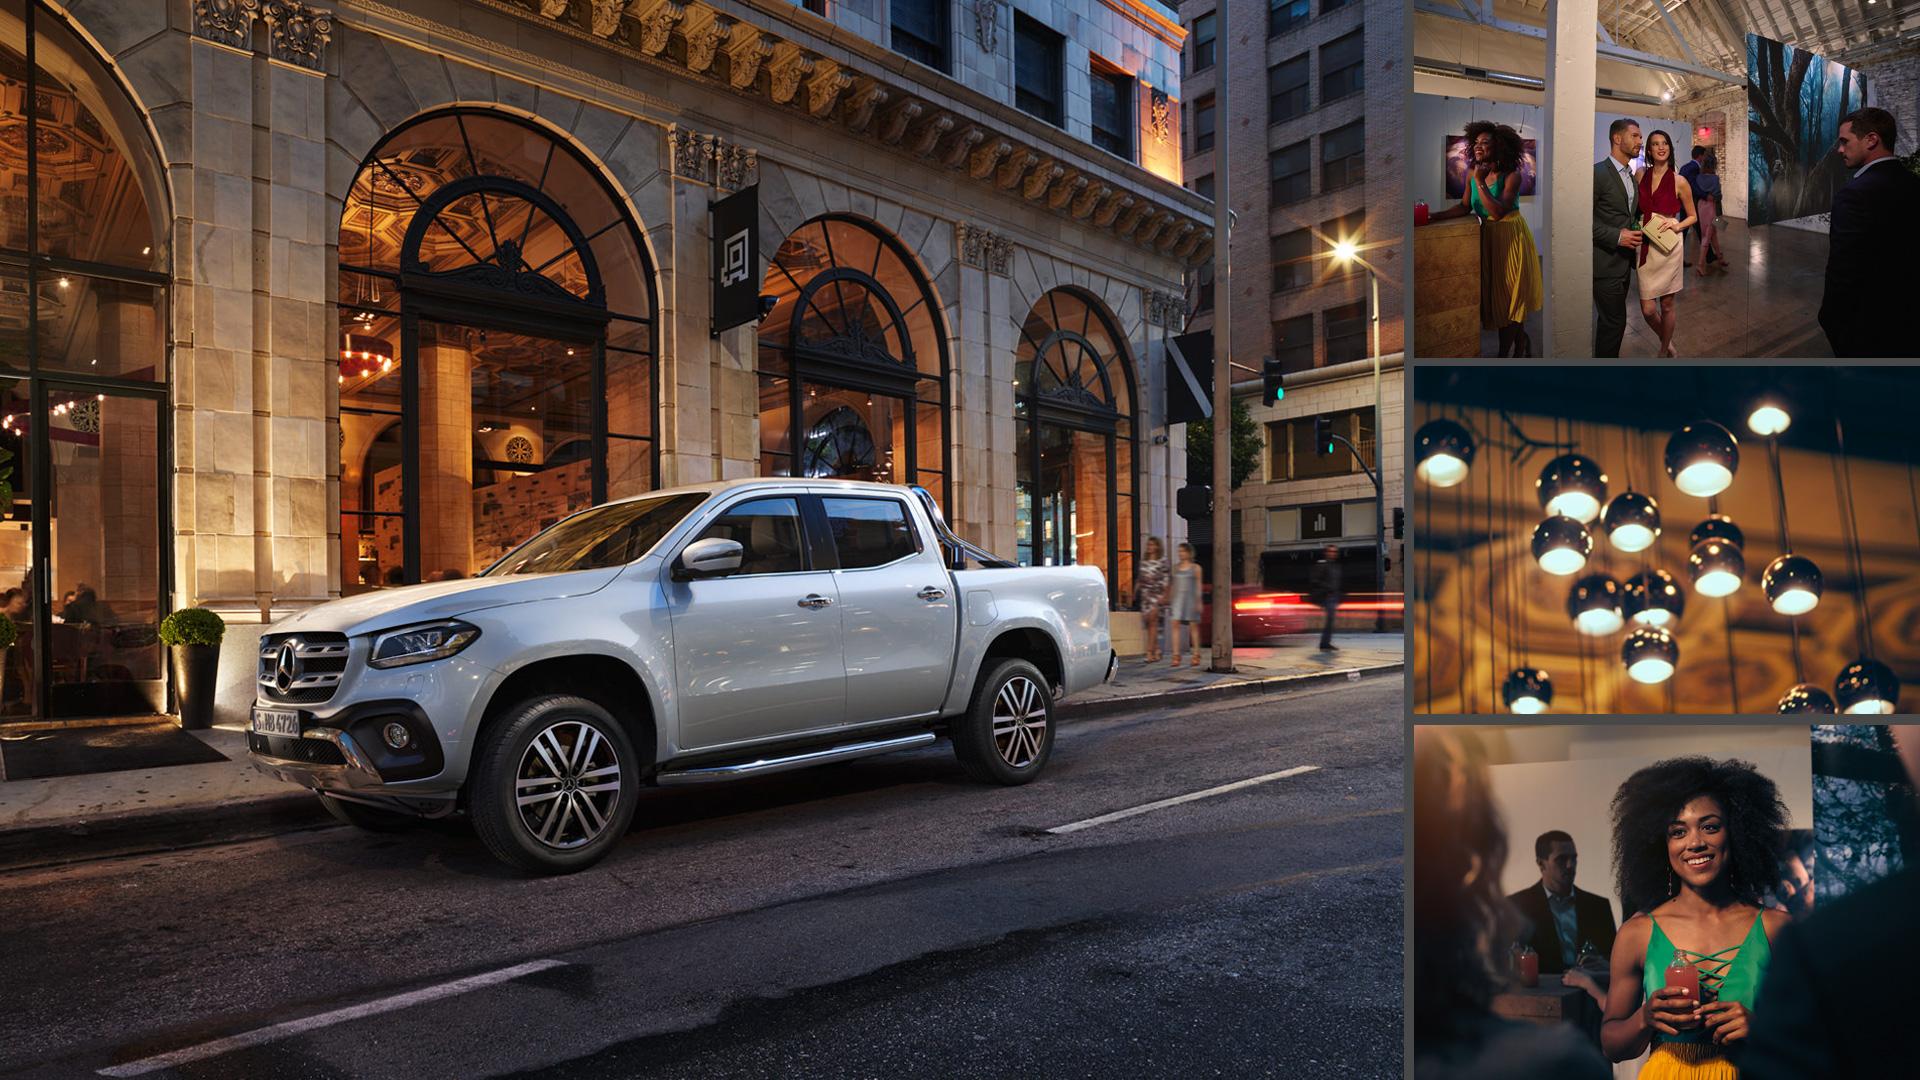 ©ankeluckmann x galerie, Mercedes Benz X-Klasse, Anke Luckmann, ©ankeluckmann, campaign, LLR, kai tietz, www.ankeluckmann.com, recom, night, white,